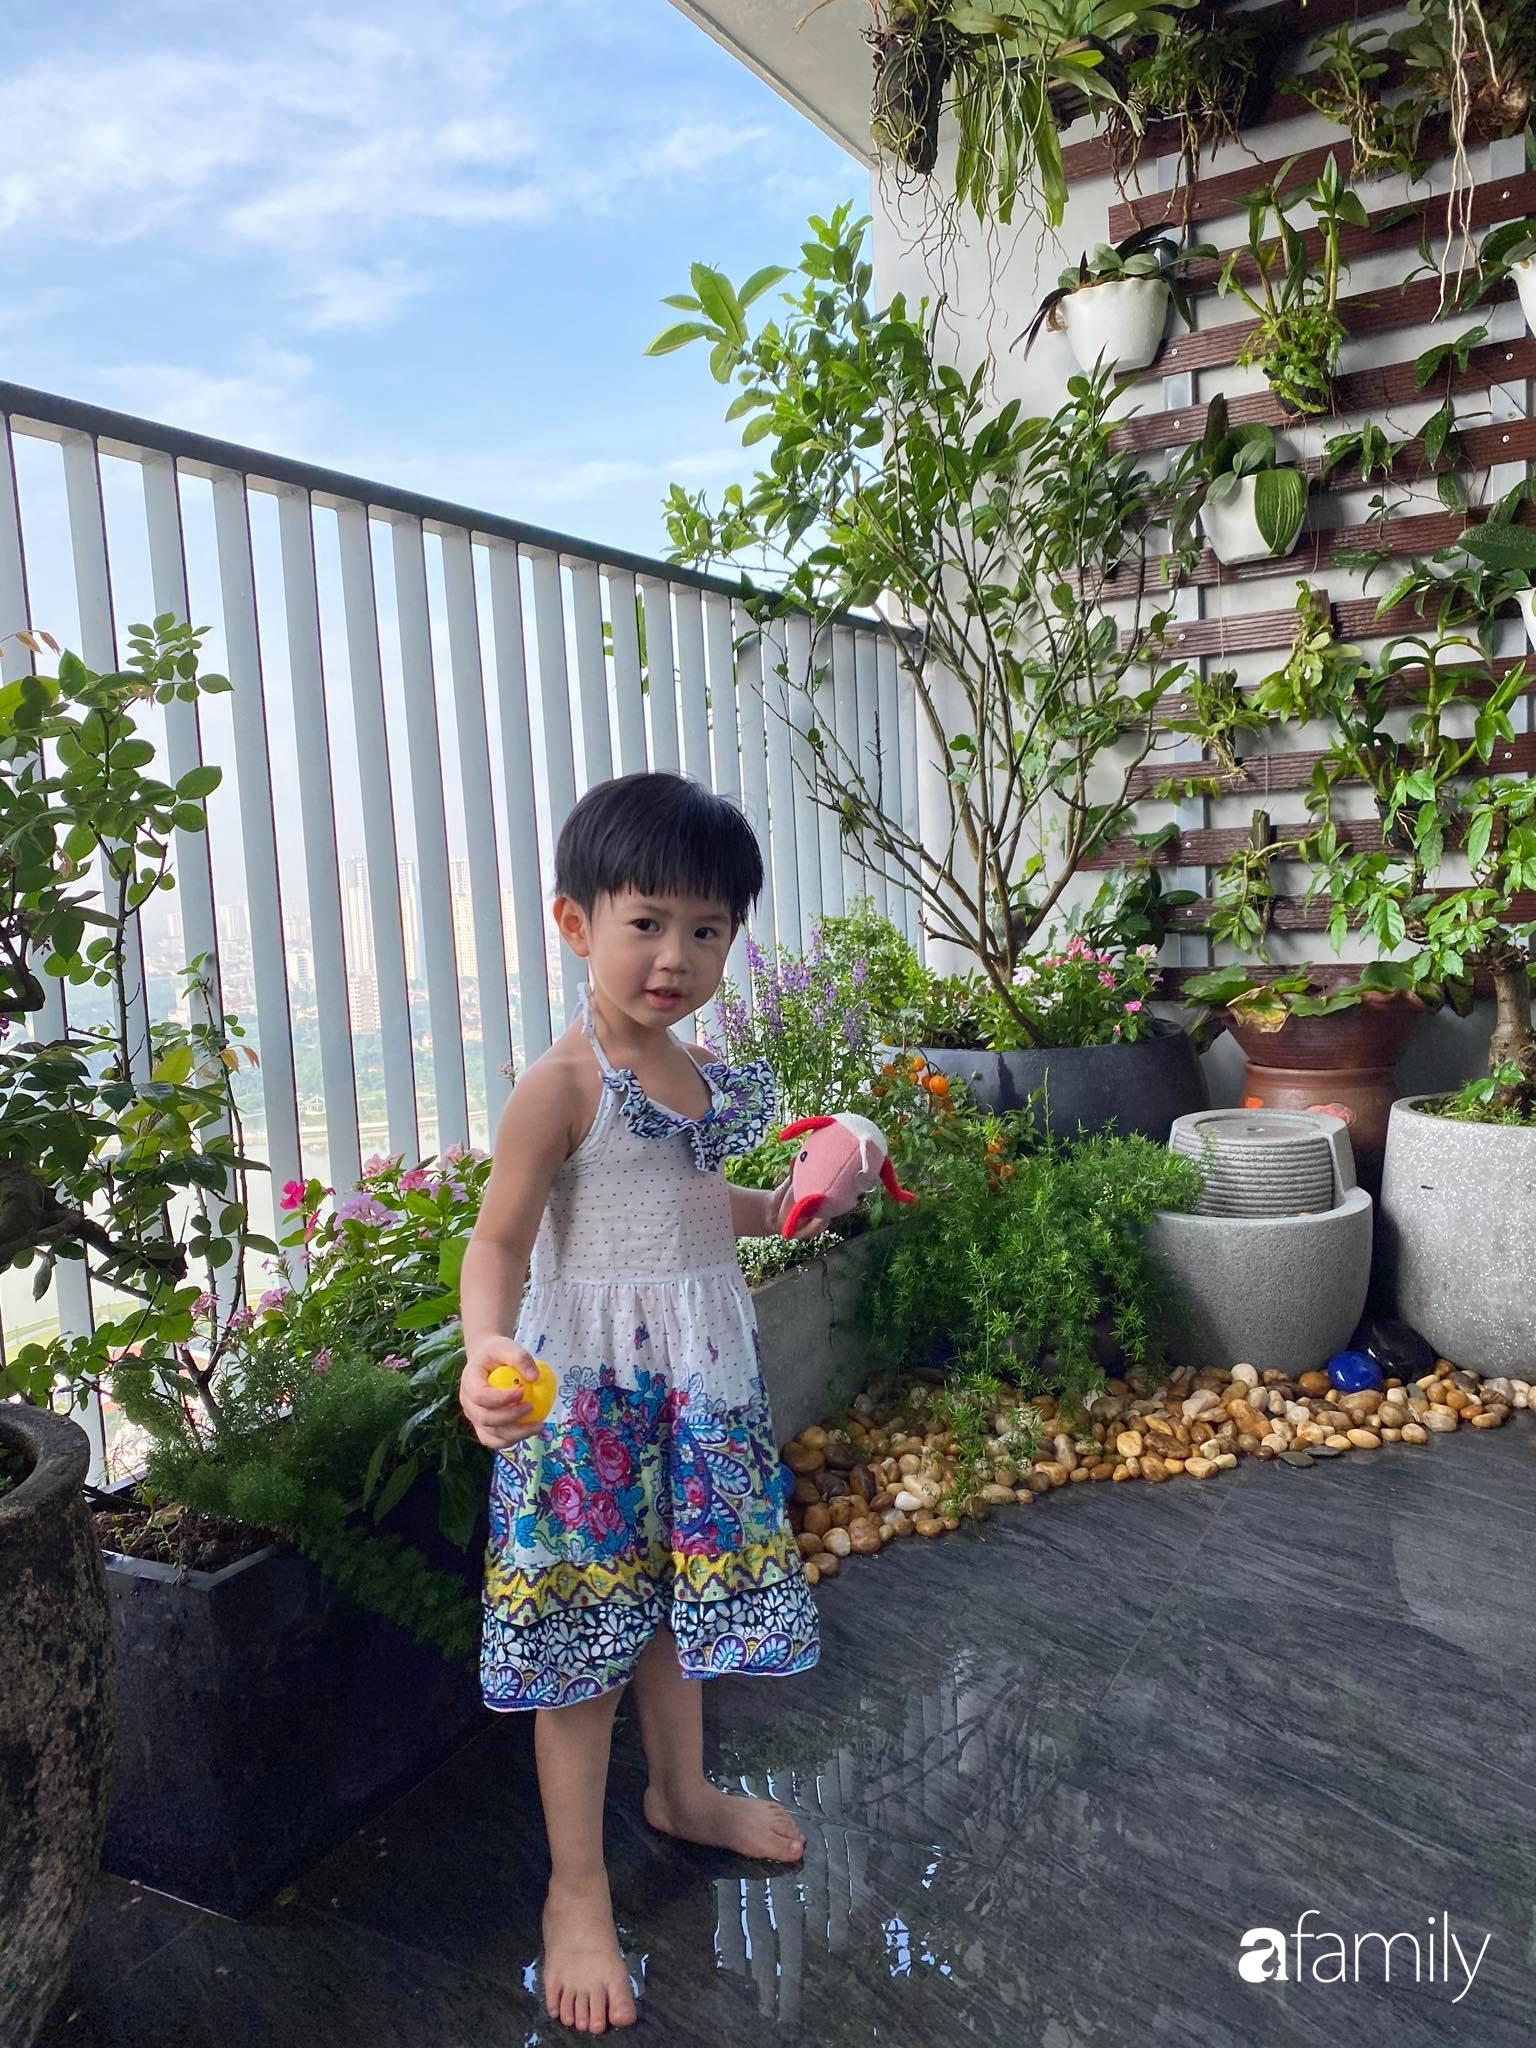 Ban công căn hộ thông tầng đẹp lãng mạn với cây và hoa ở Hà Nội - Ảnh 8.